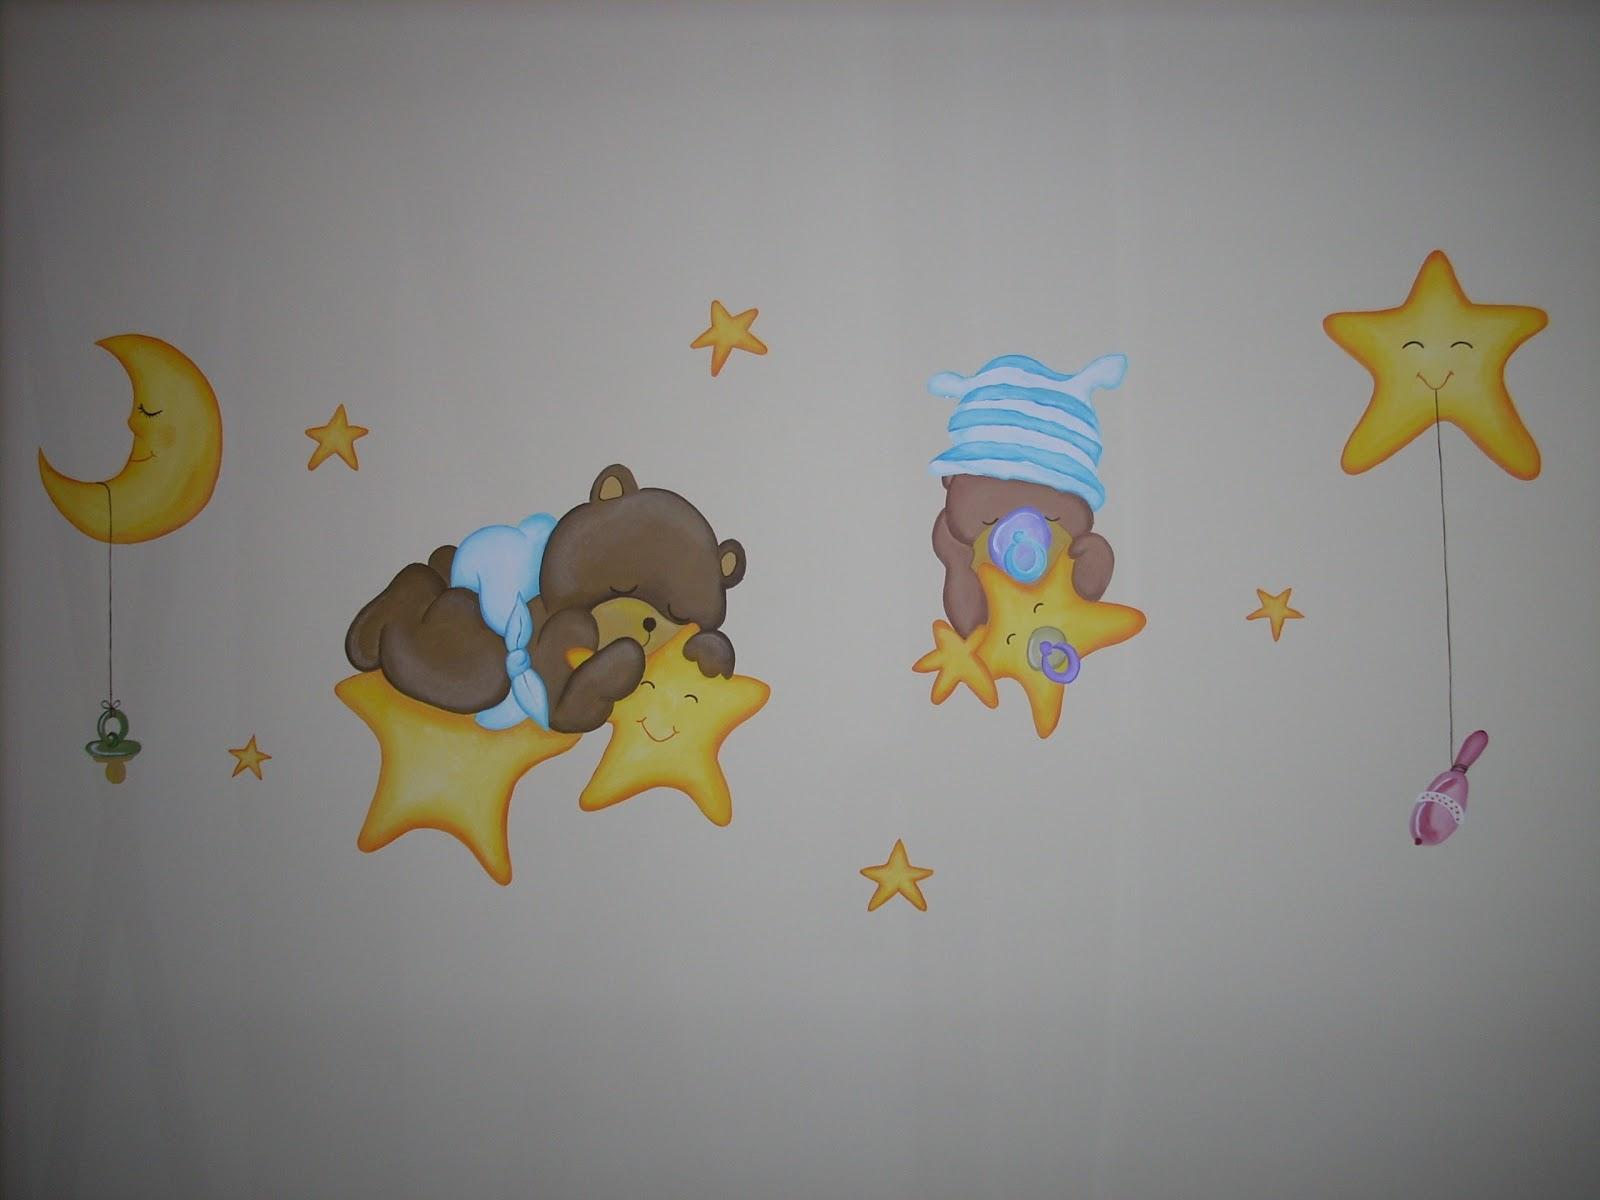 Motivos infantiles imagui for Murales infantiles